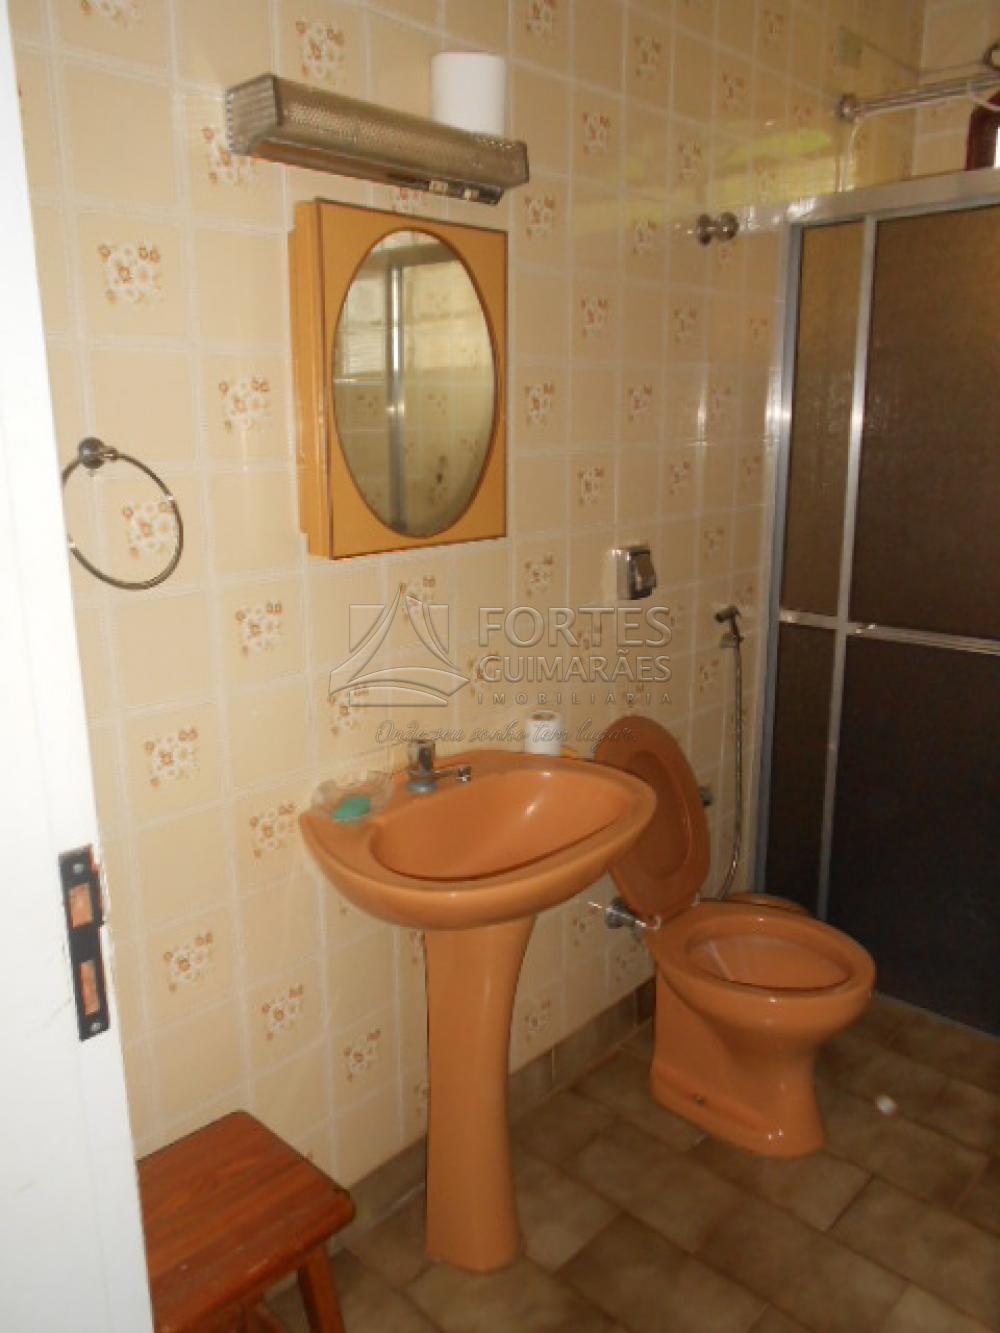 Alugar Casas / Condomínio em Jardinópolis apenas R$ 2.500,00 - Foto 23